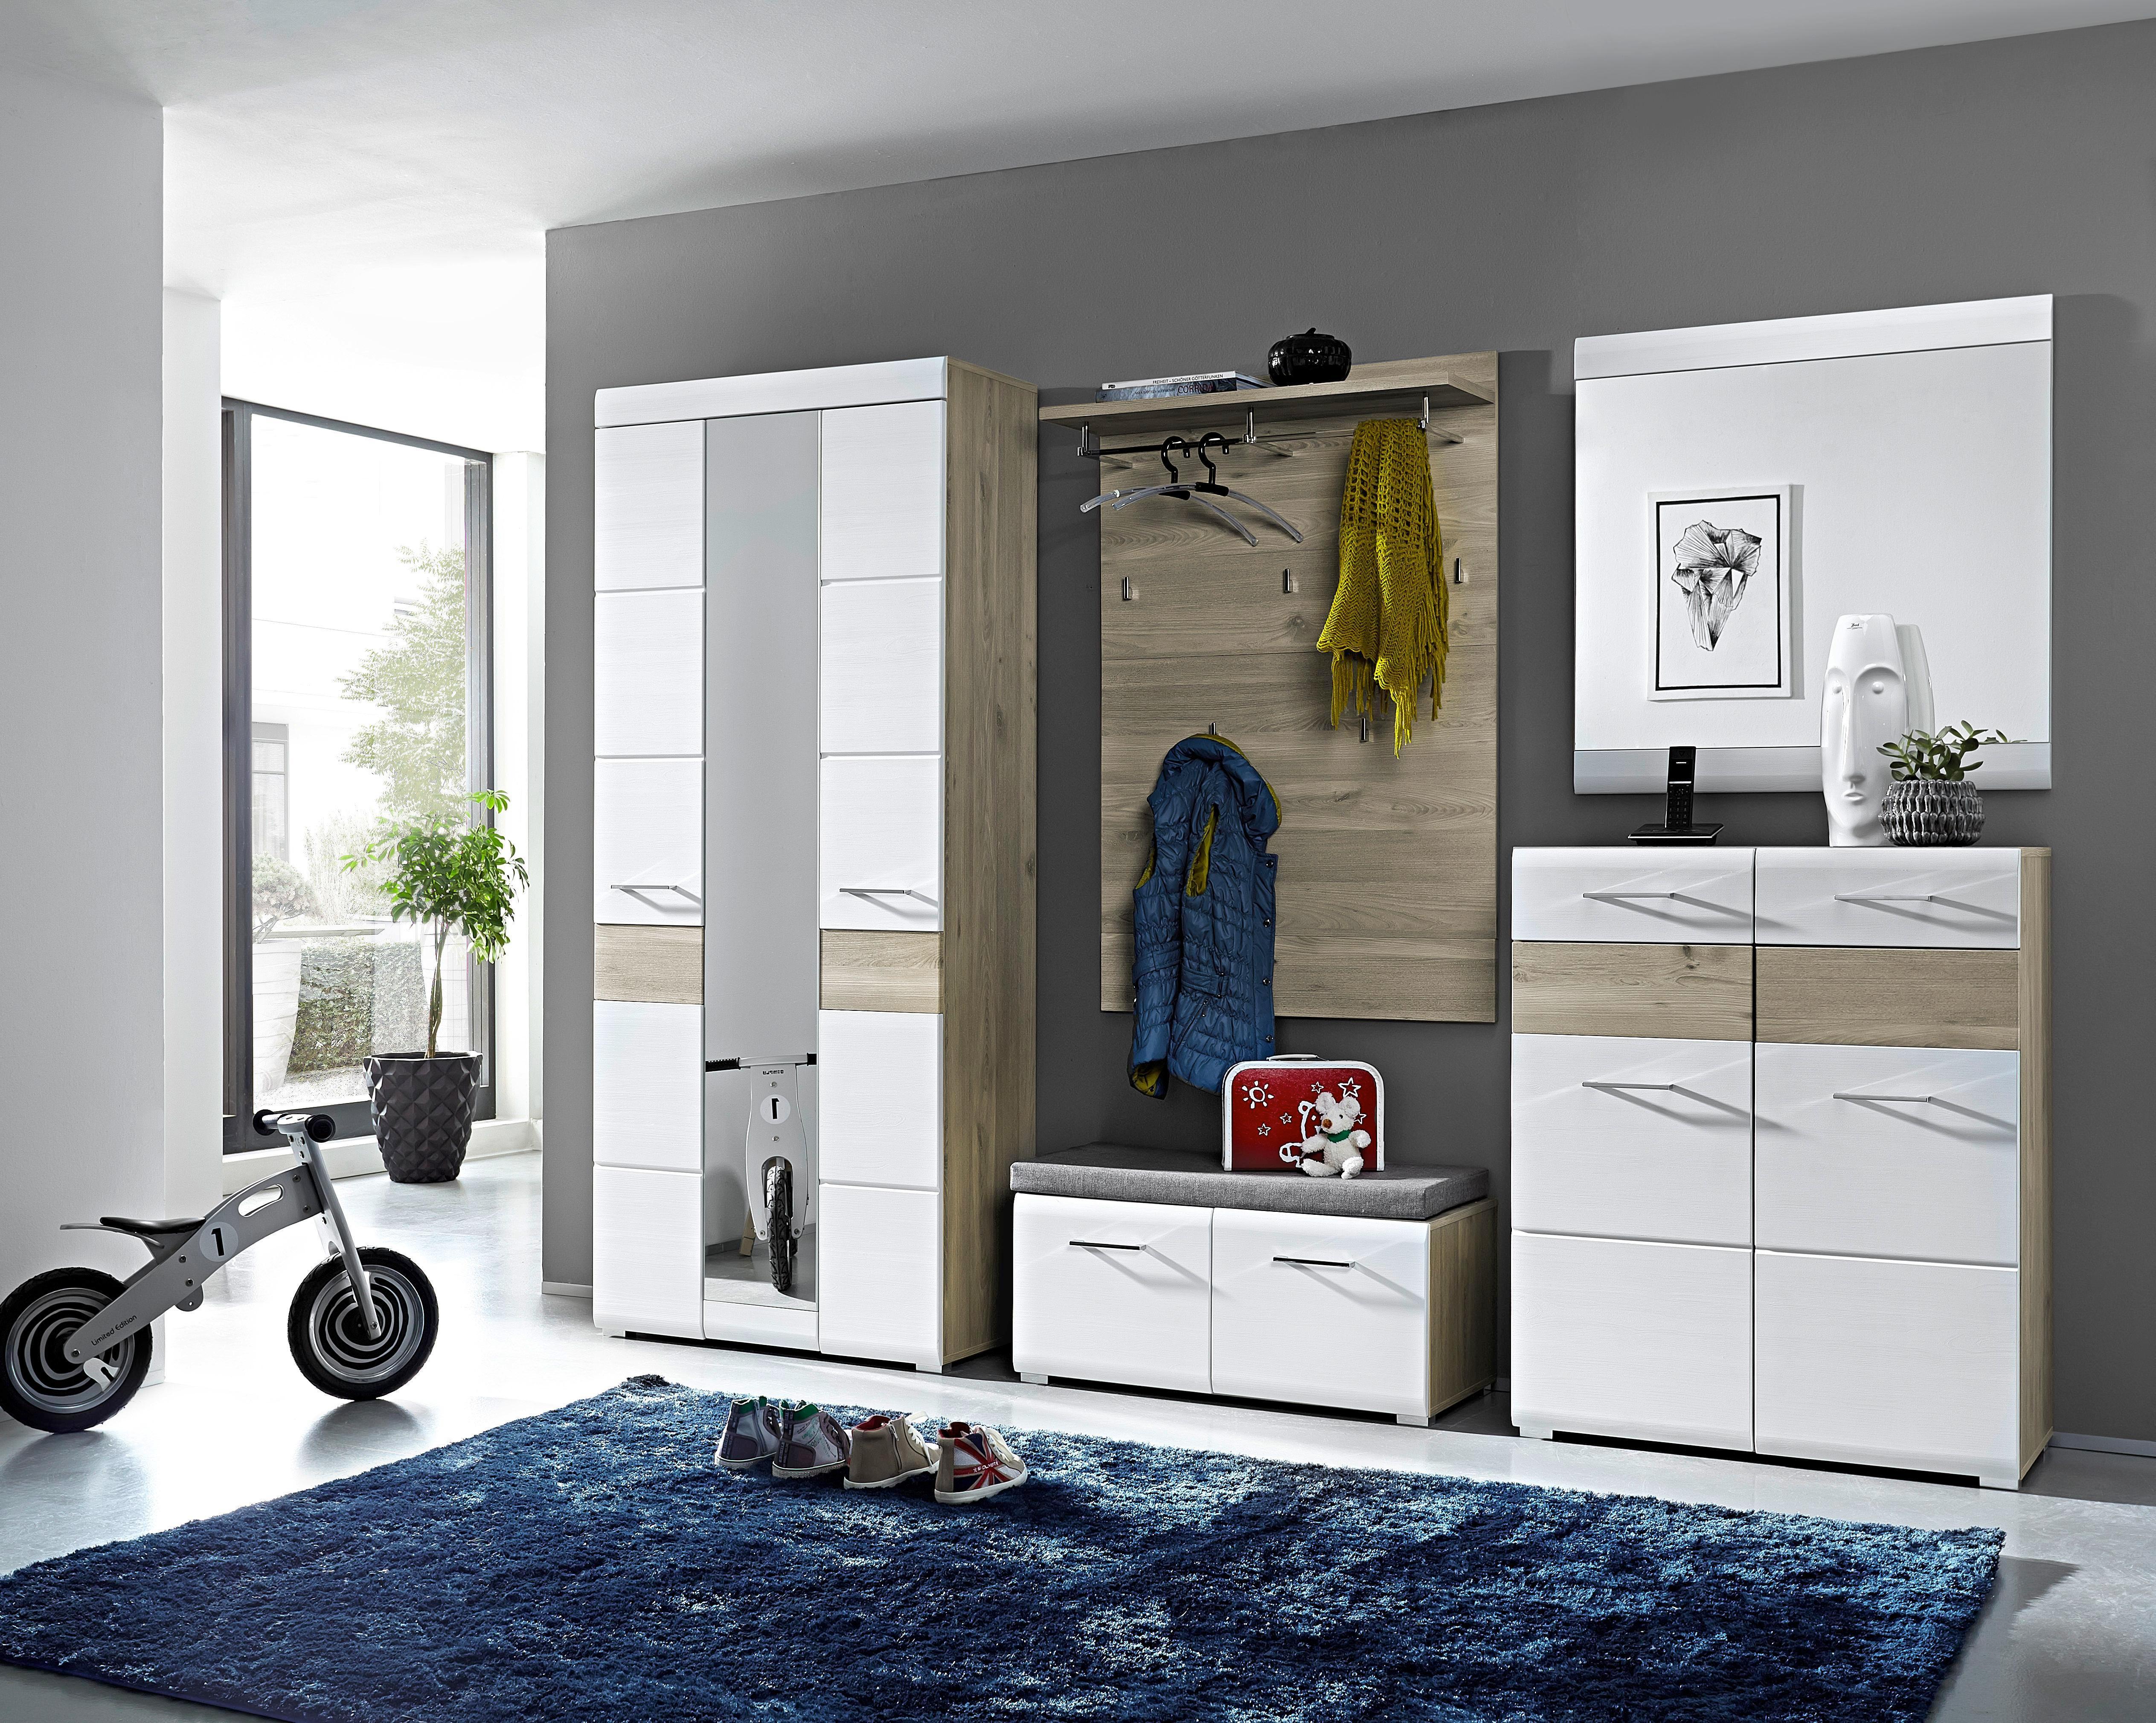 Garderobenschrank in Silbereiche/Weiß - Chromfarben/Weiß, MODERN, Holz/Holzwerkstoff (85/200/40cm) - PREMIUM LIVING